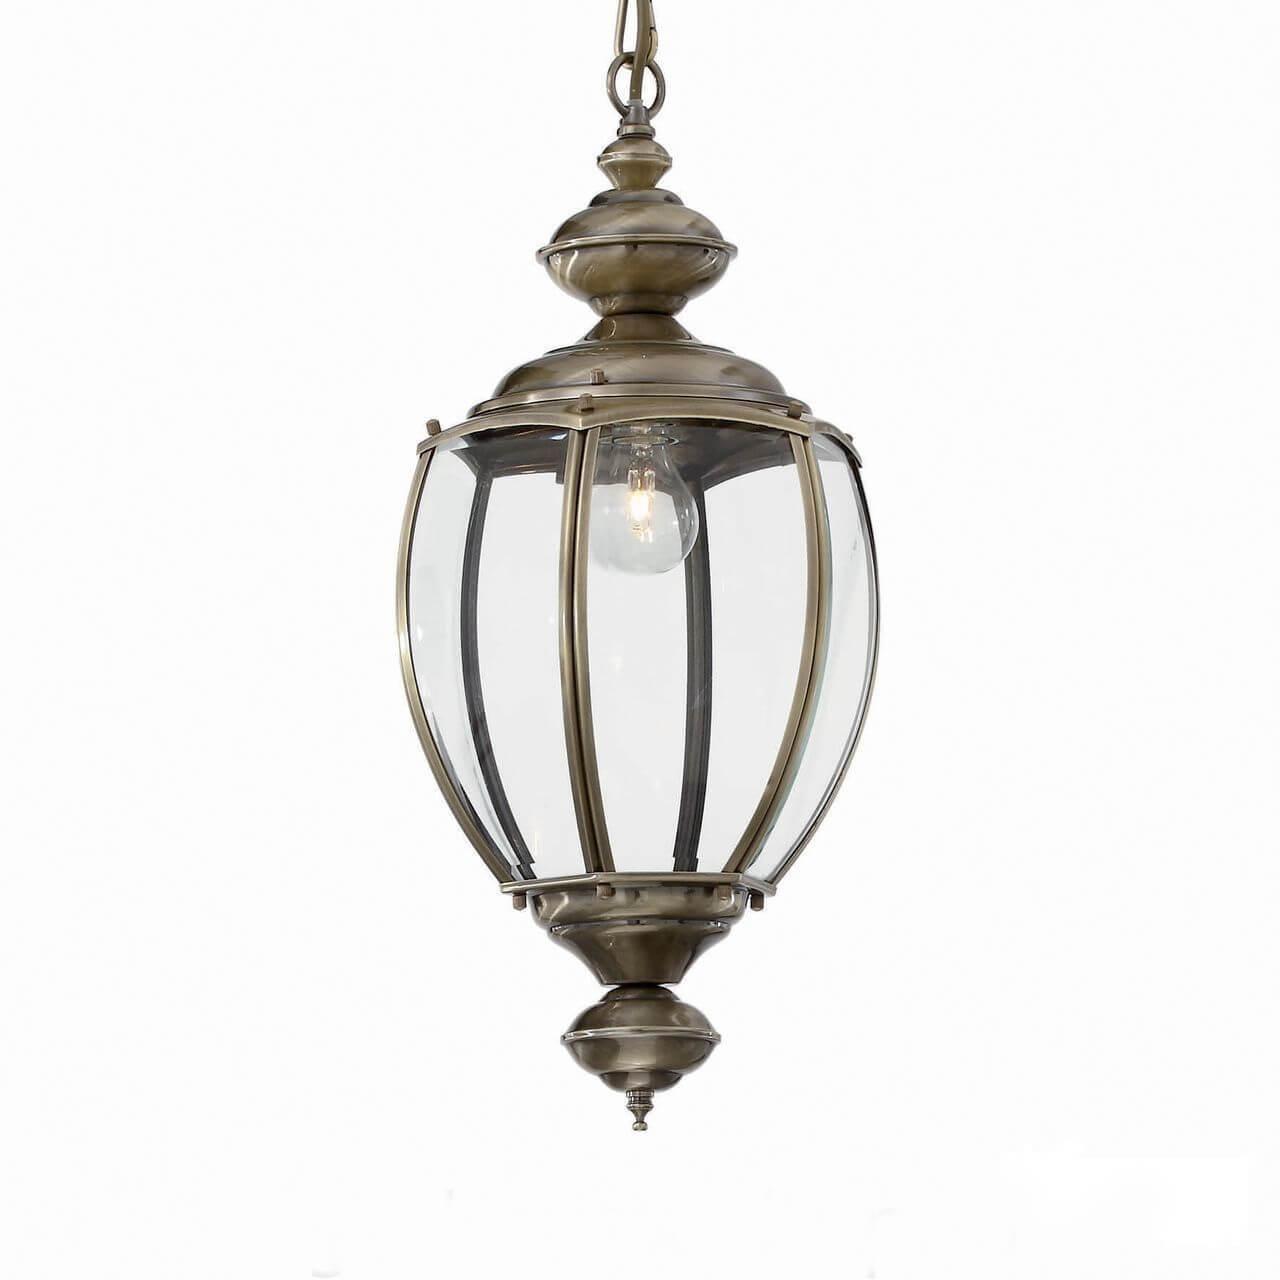 Подвесной светильник Ideal Lux Norma SP1 Brunito, E27, 60 Вт подвесной светильник ideal lux potty 3 sp1